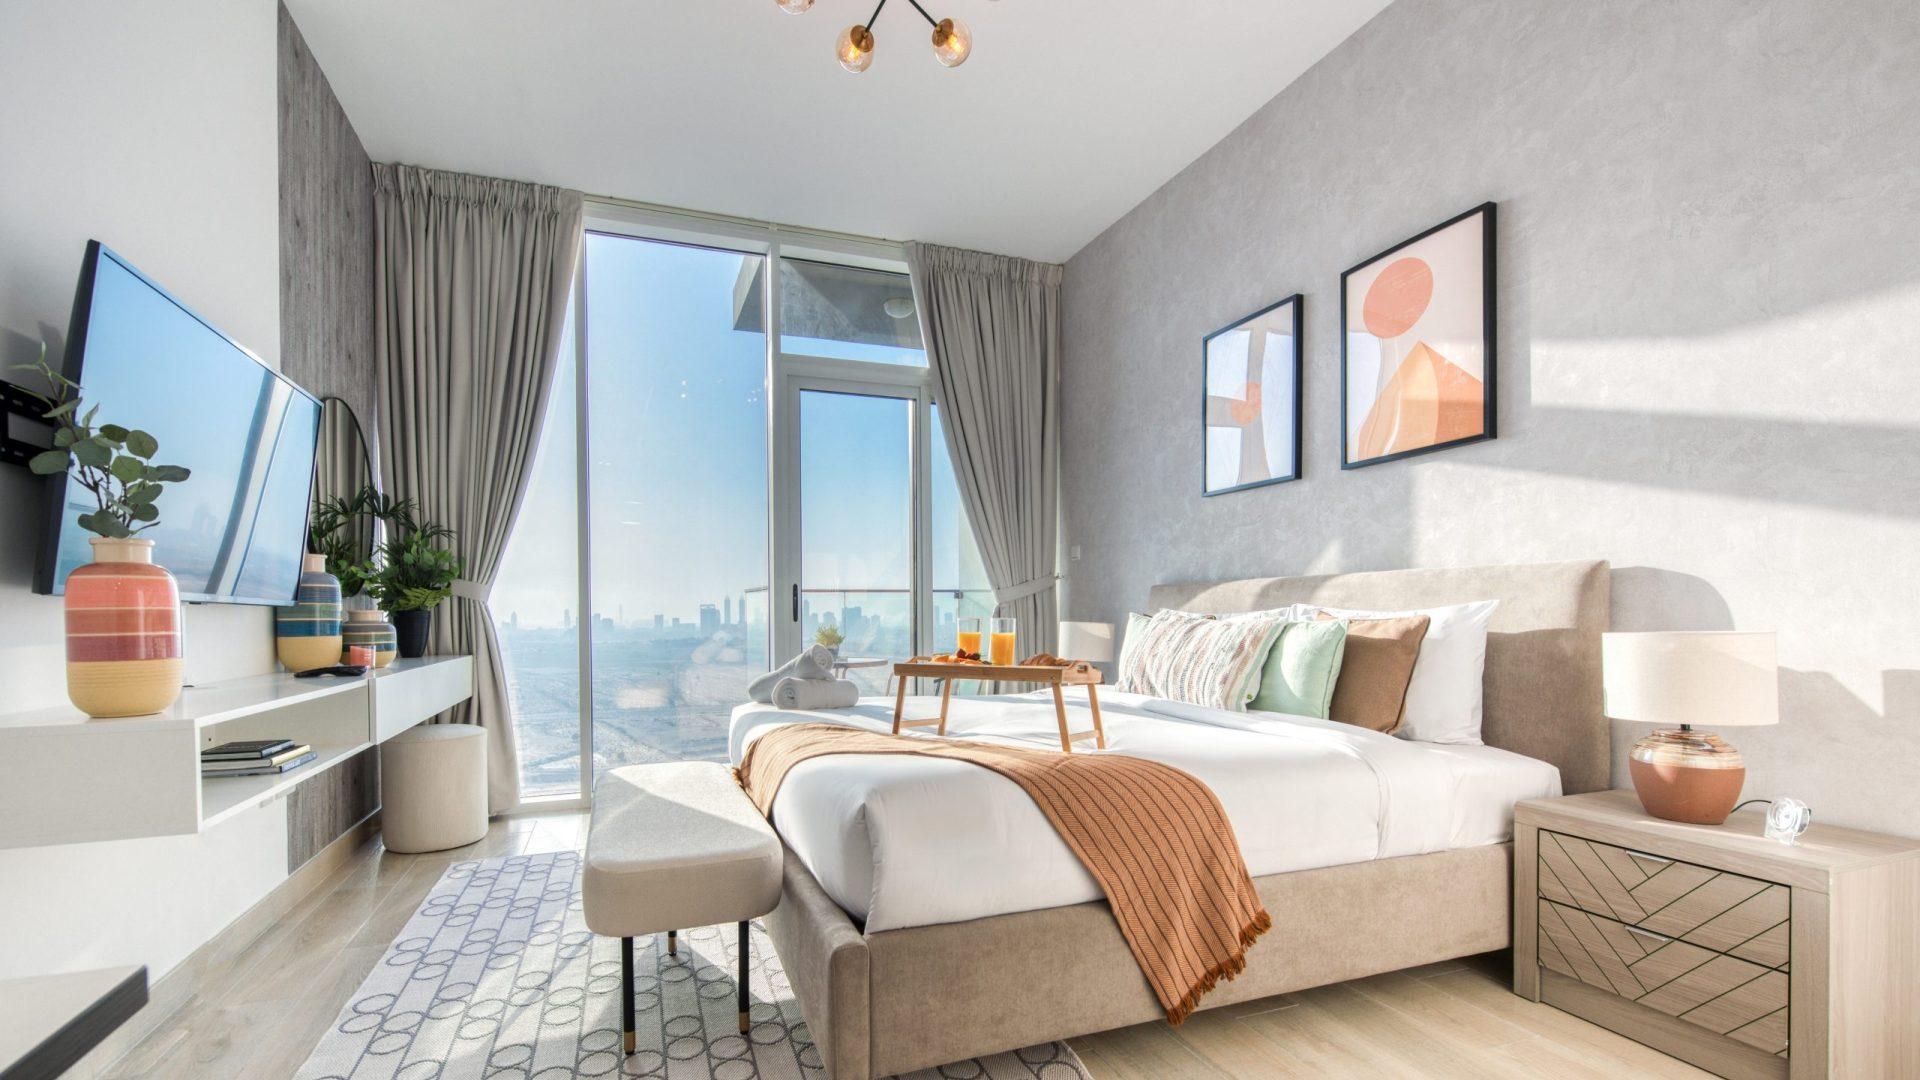 Apartamento en venta en Dubai, EAU, 3 dormitorios, 151 m2, № 24233 – foto 2